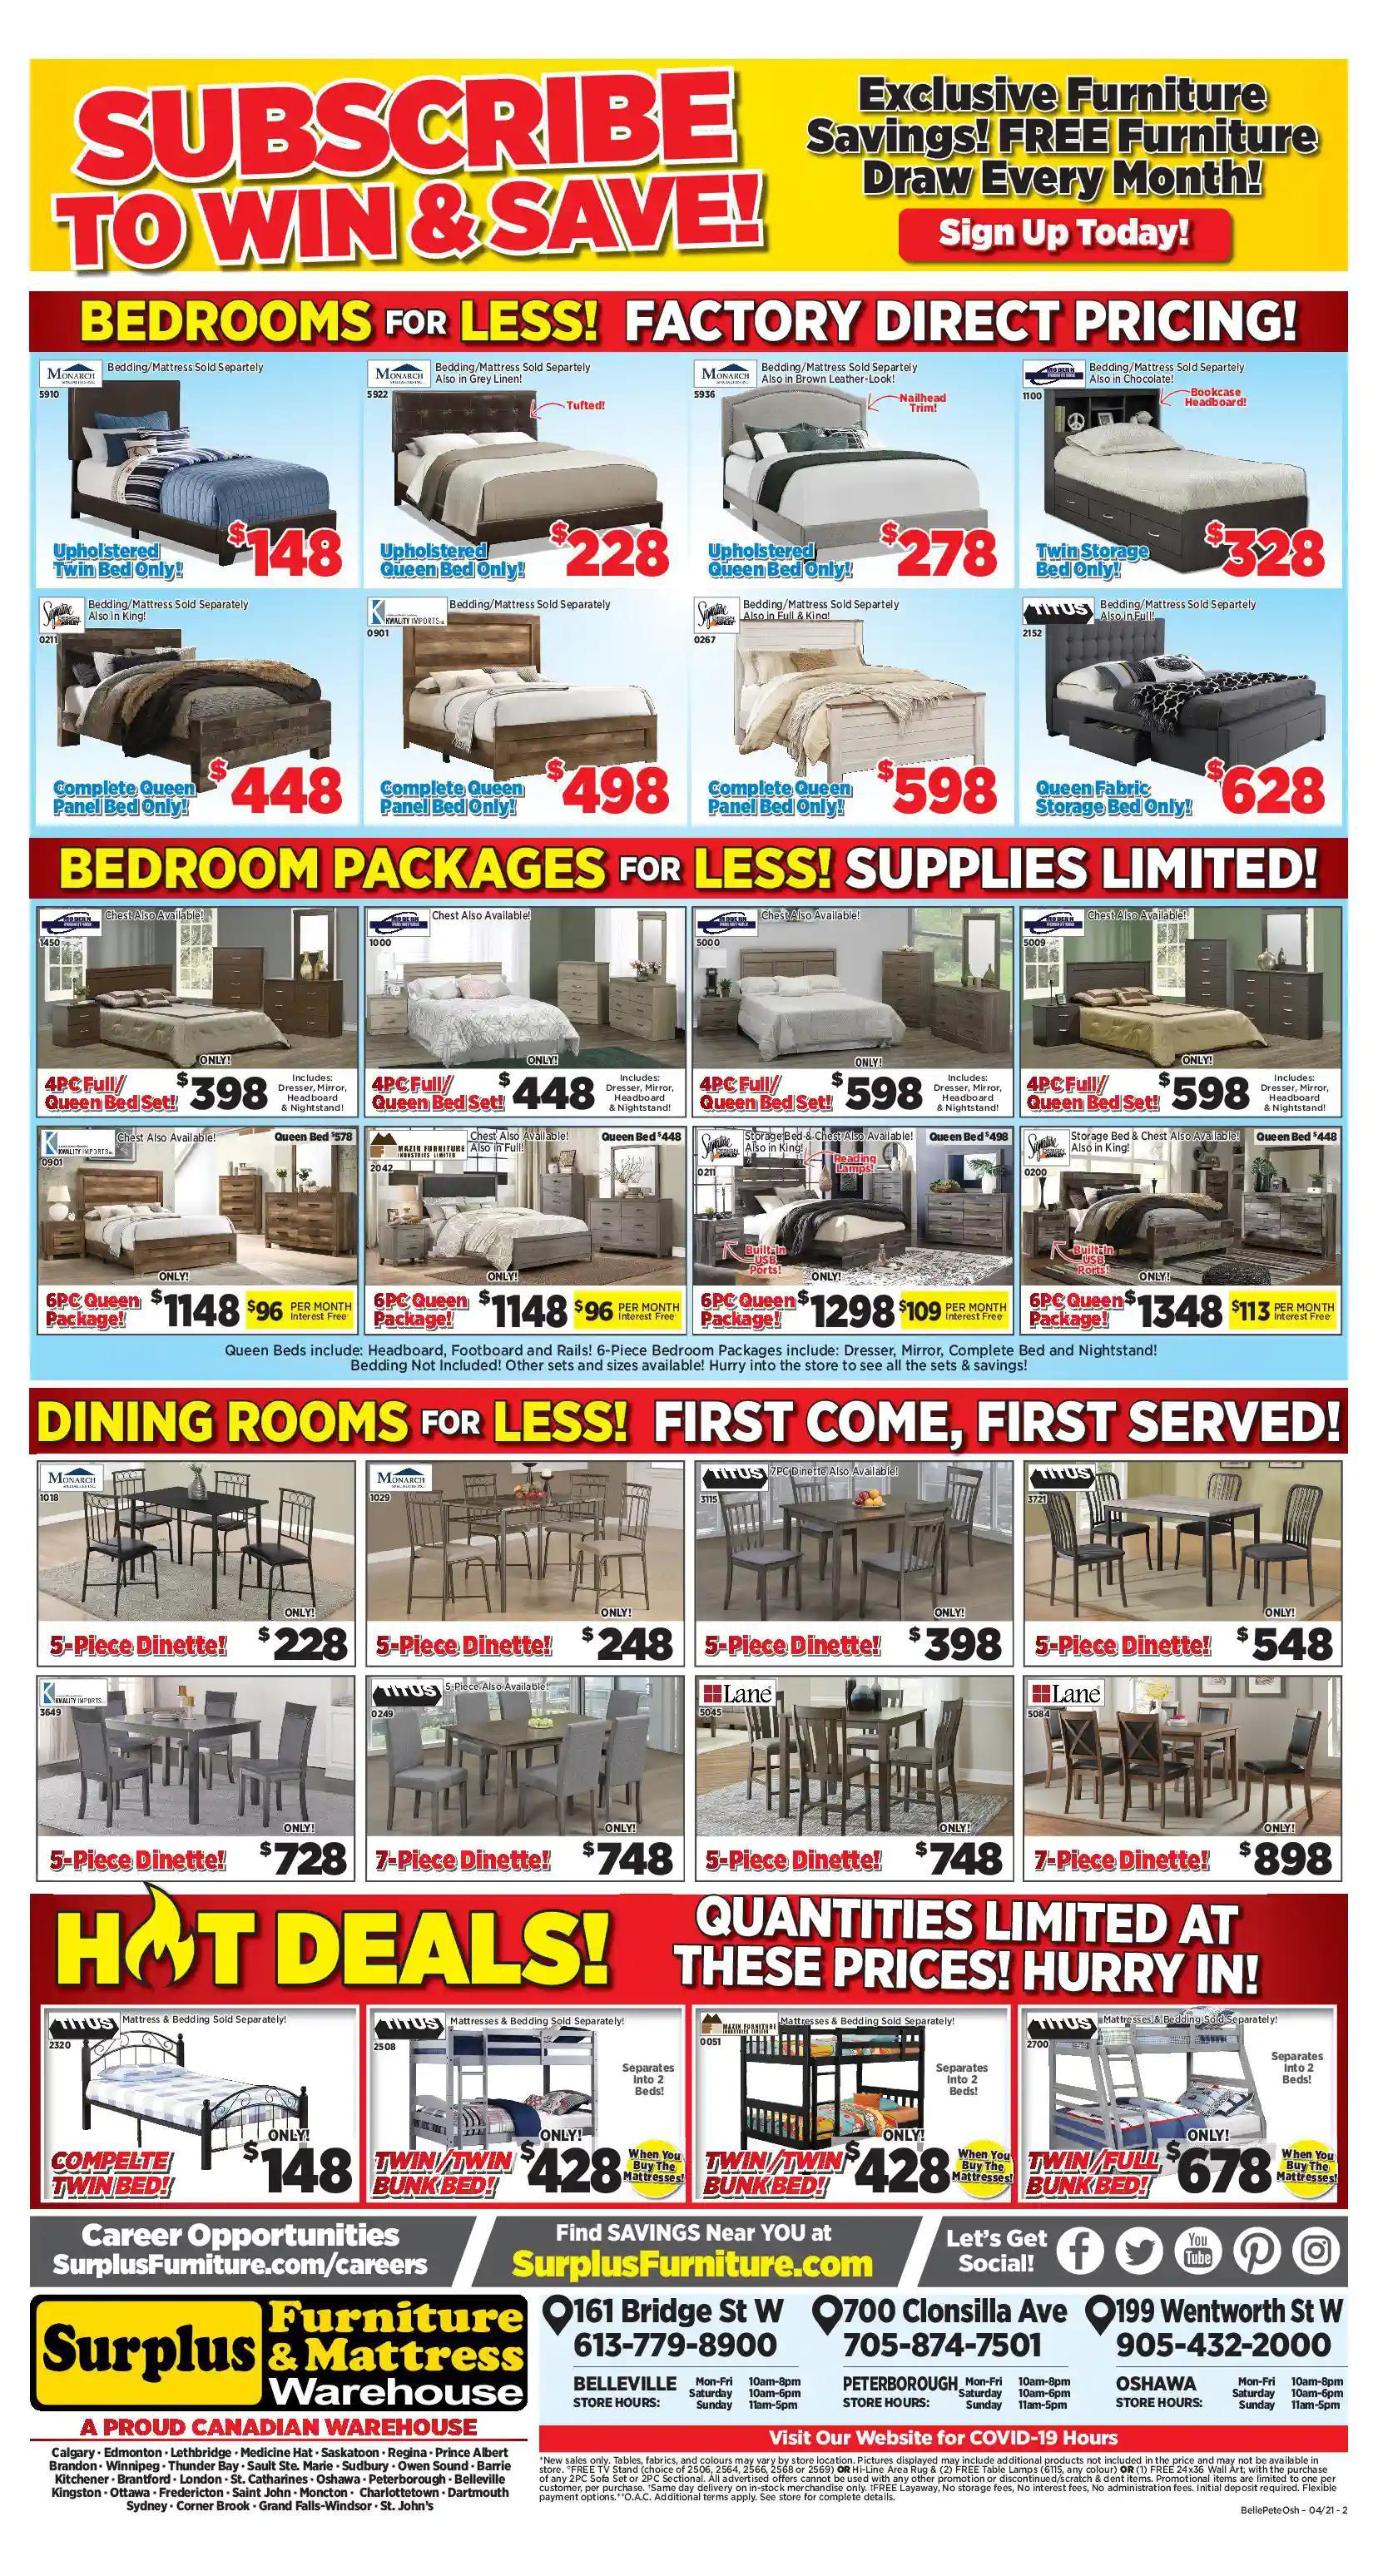 Surplus Furniture & Mattress Warehouse - 4 Weeks of Savings - Page 3